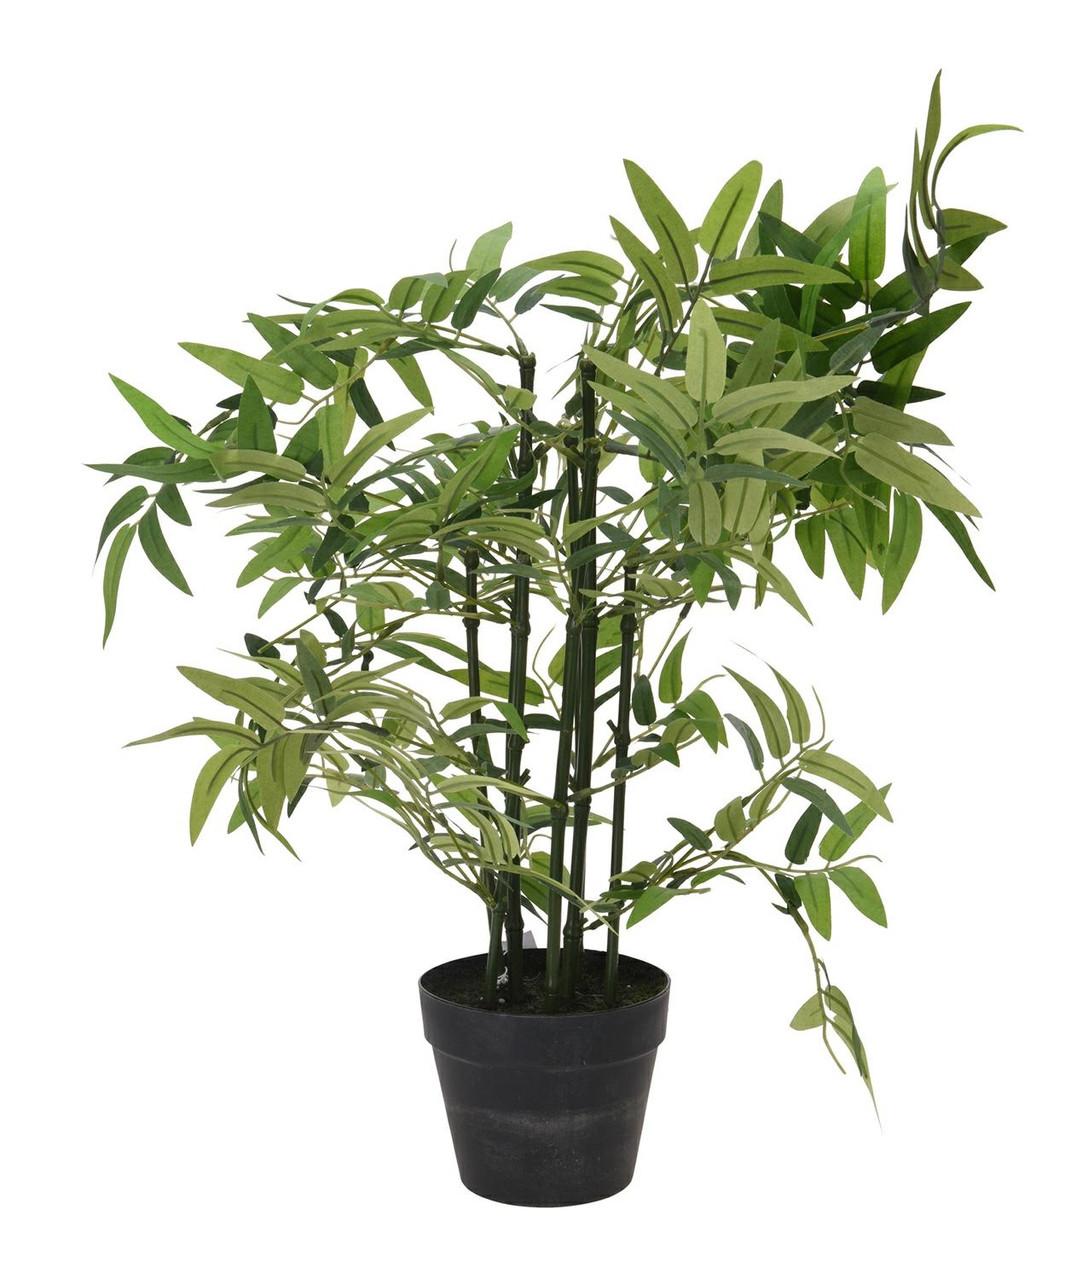 Бамбук в горшке Intesi 60 см